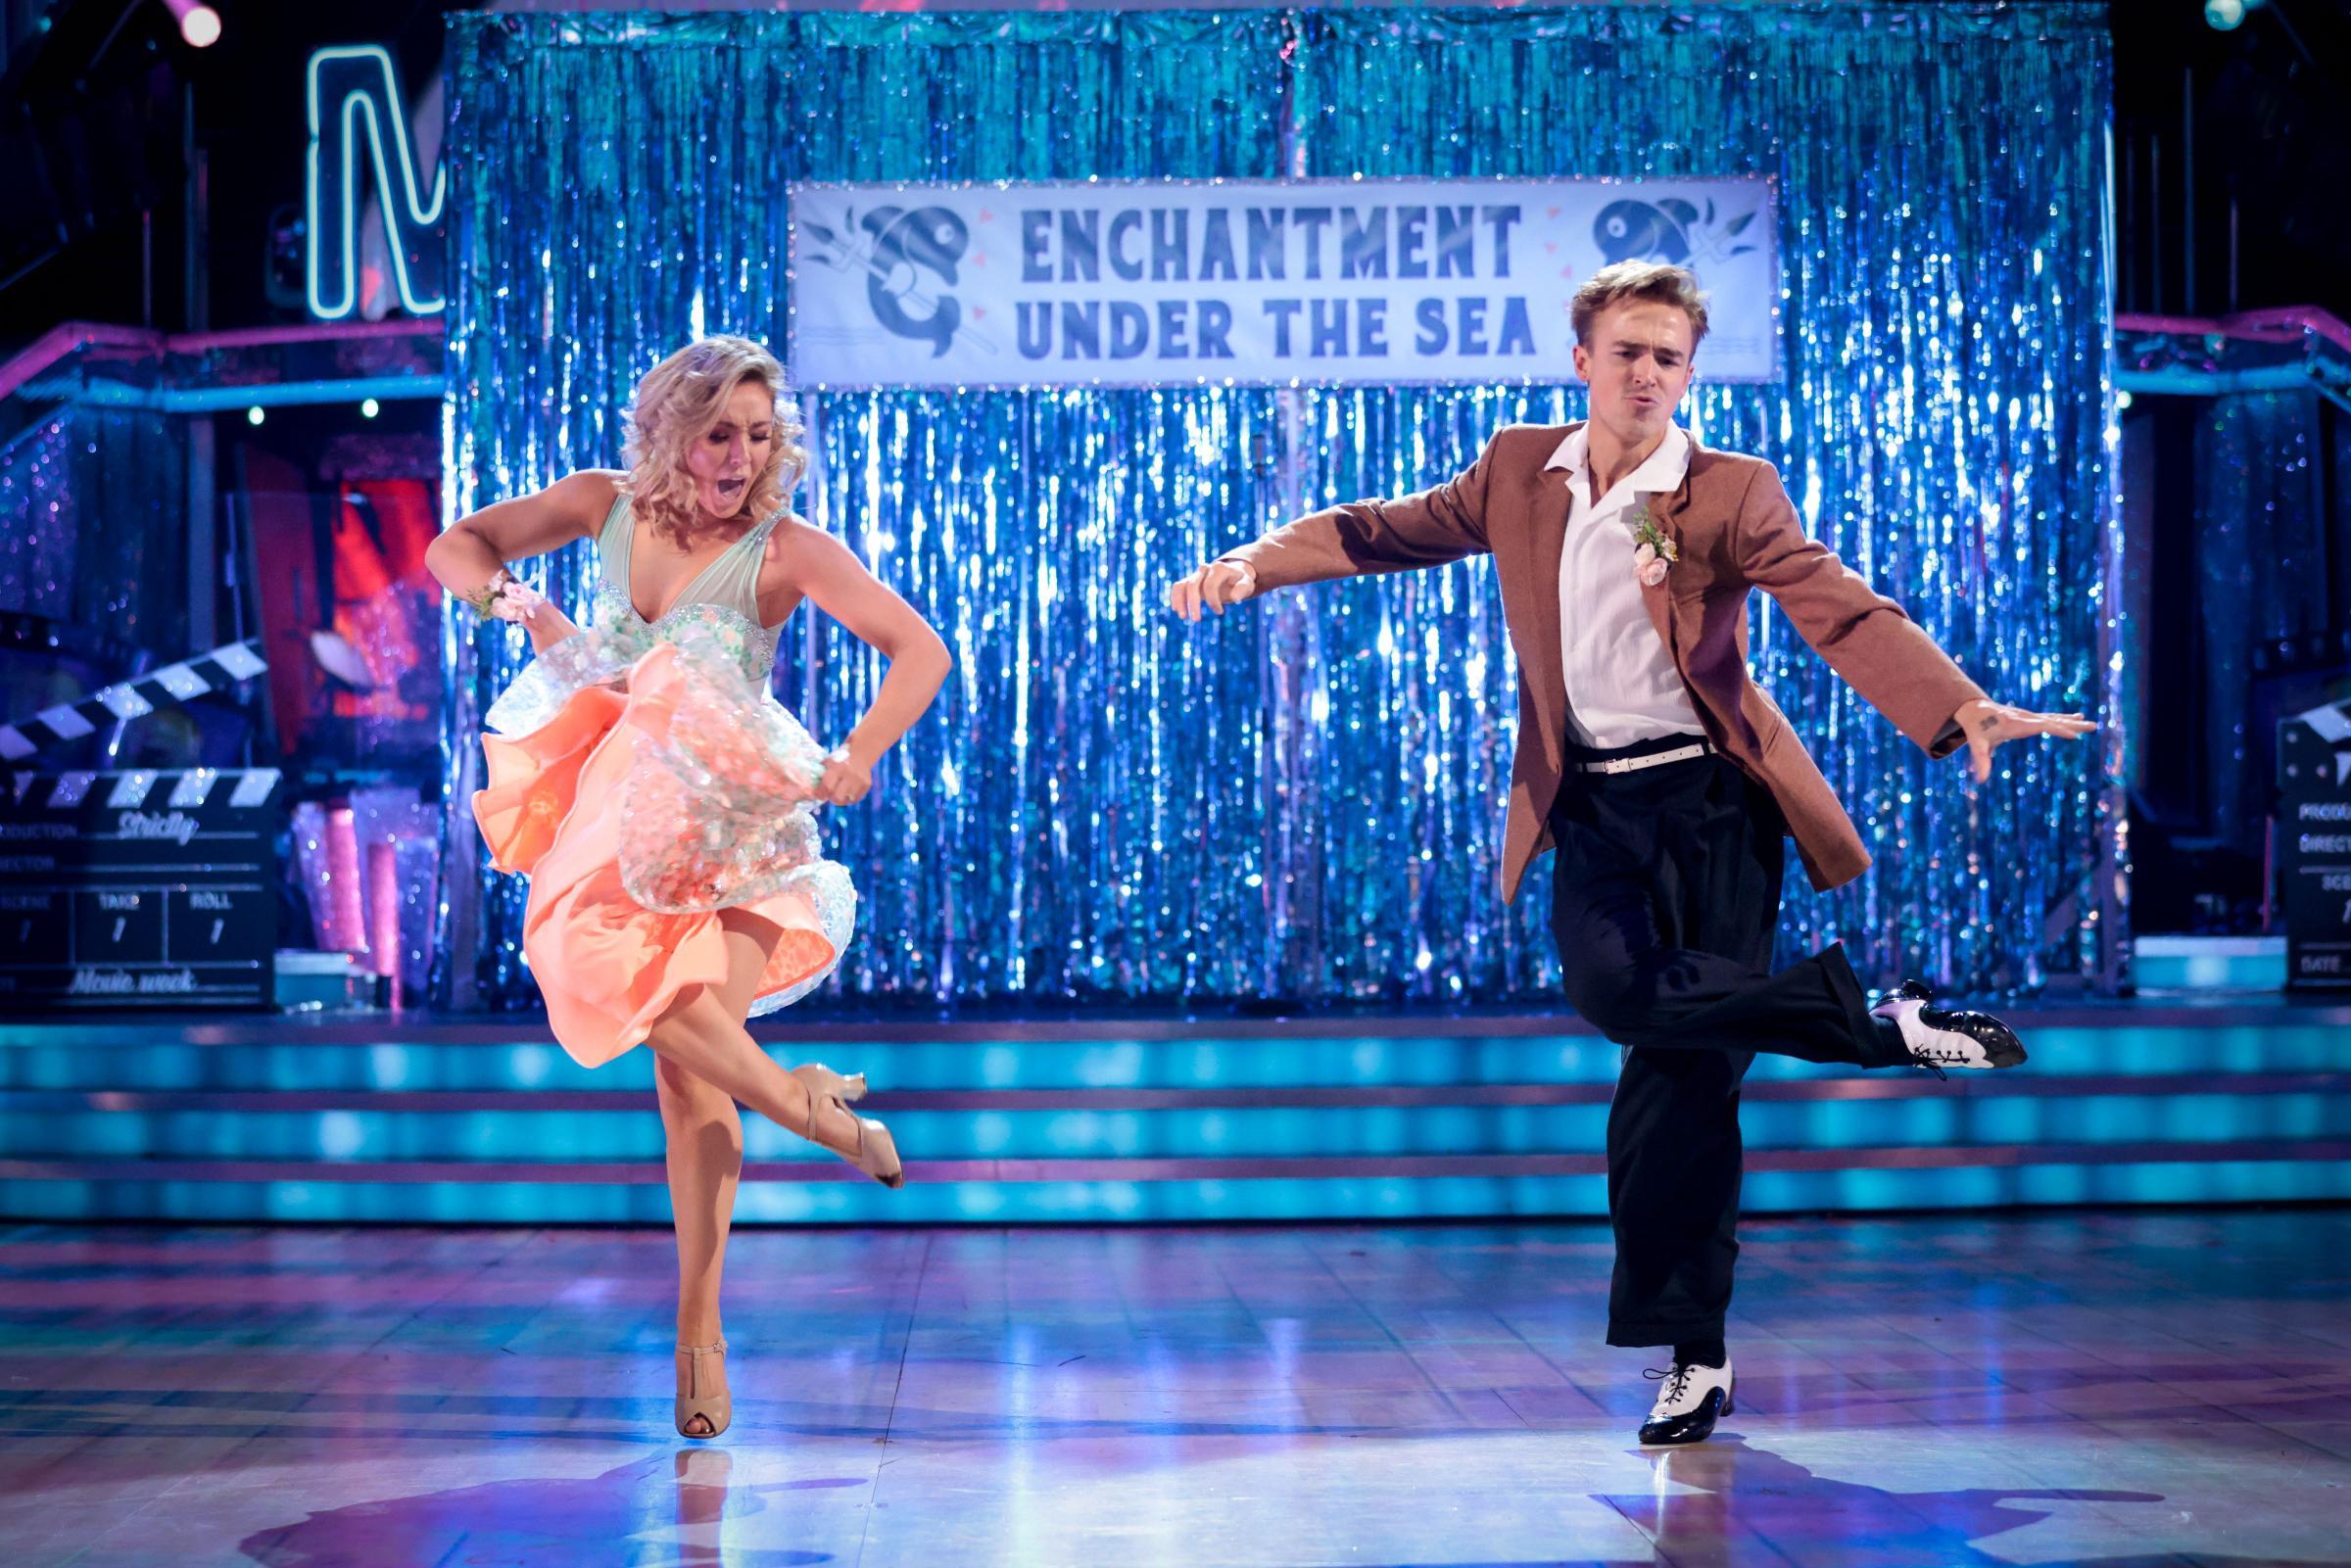 Diario del heraldo: Strictly Come Dancing y una experiencia cercana a la muerte